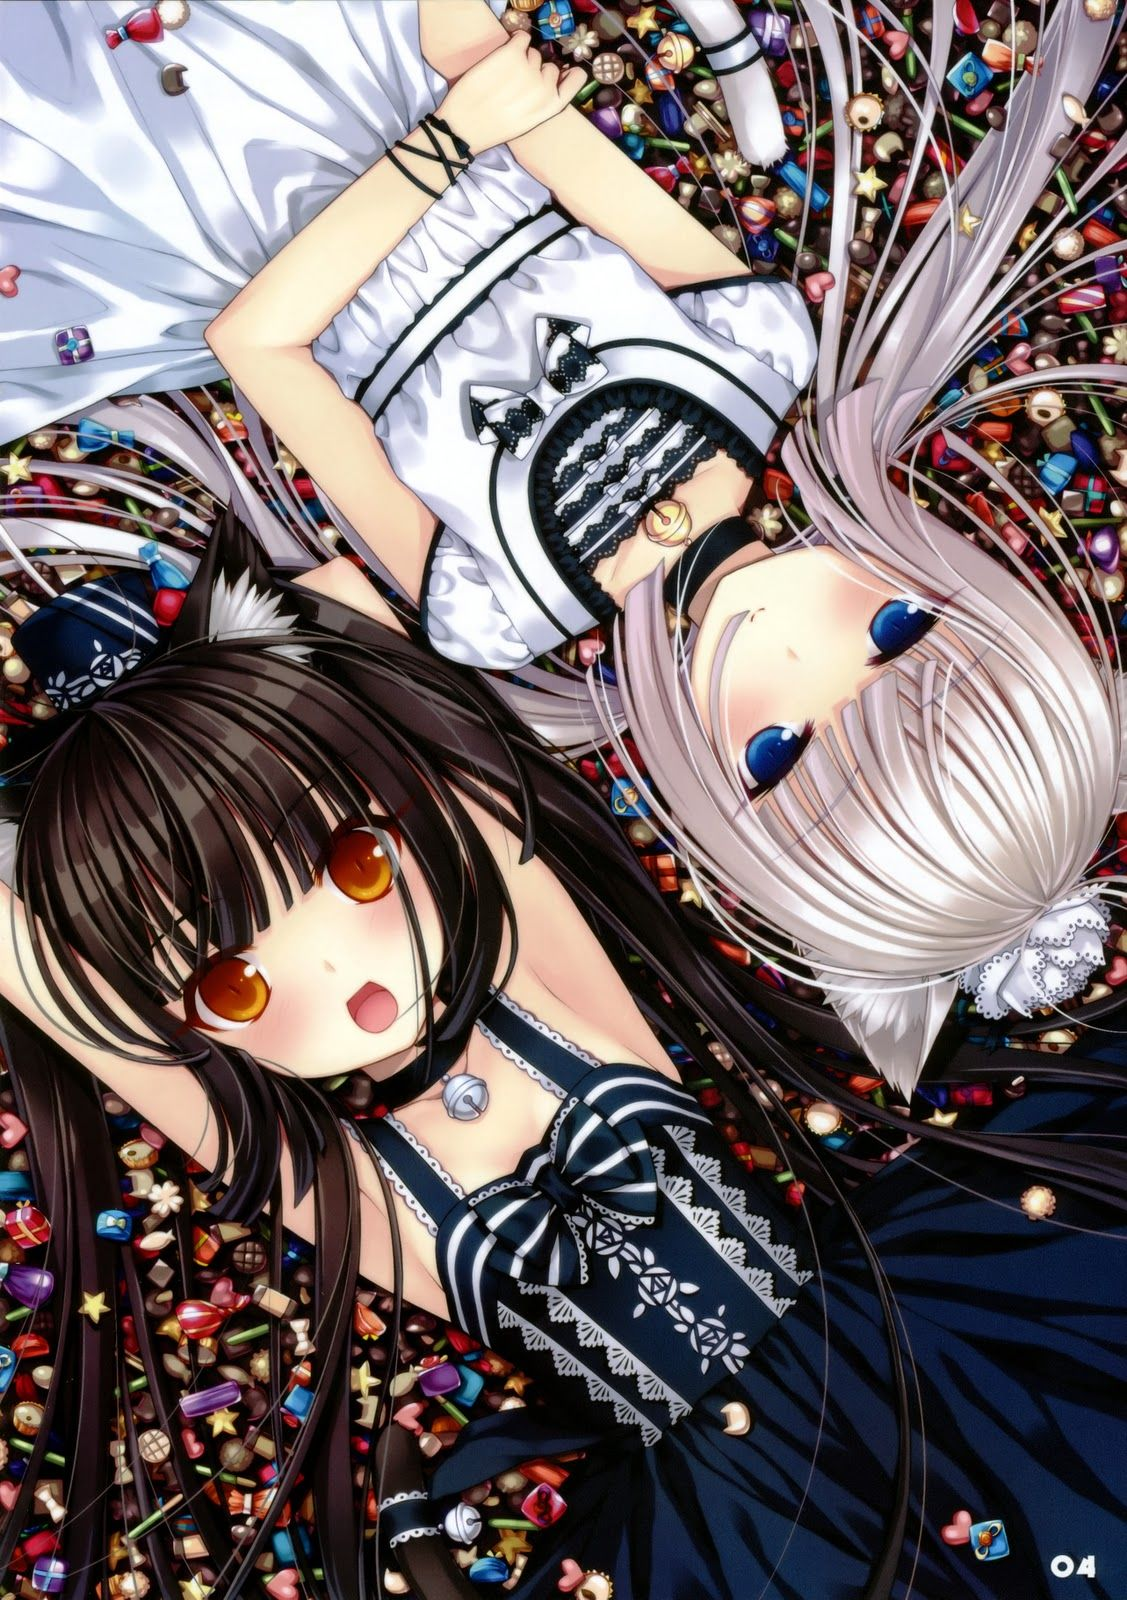 chocolate and vanilla neko anime | una vez por casualidad ...